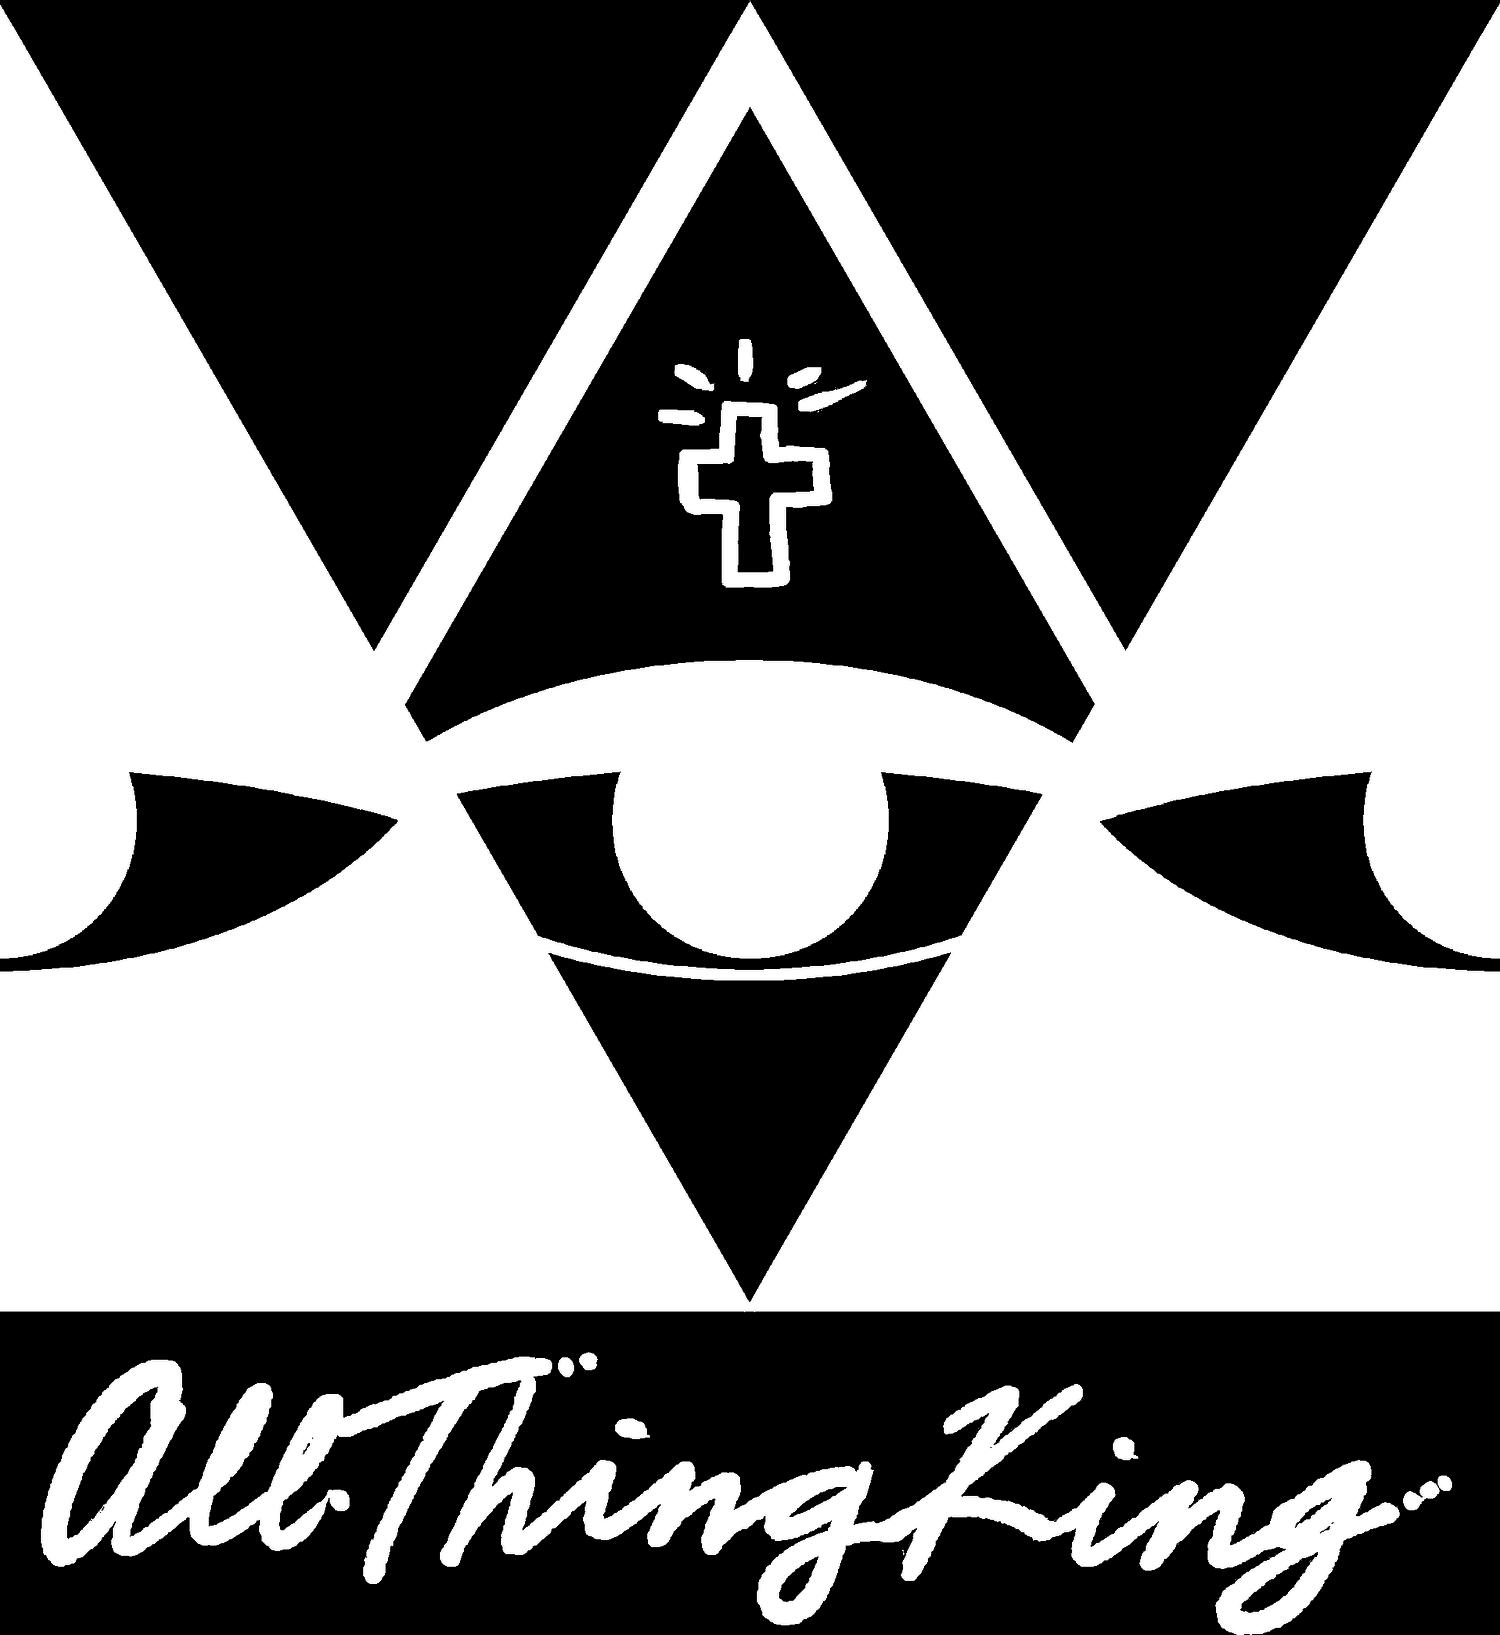 AllThingKing